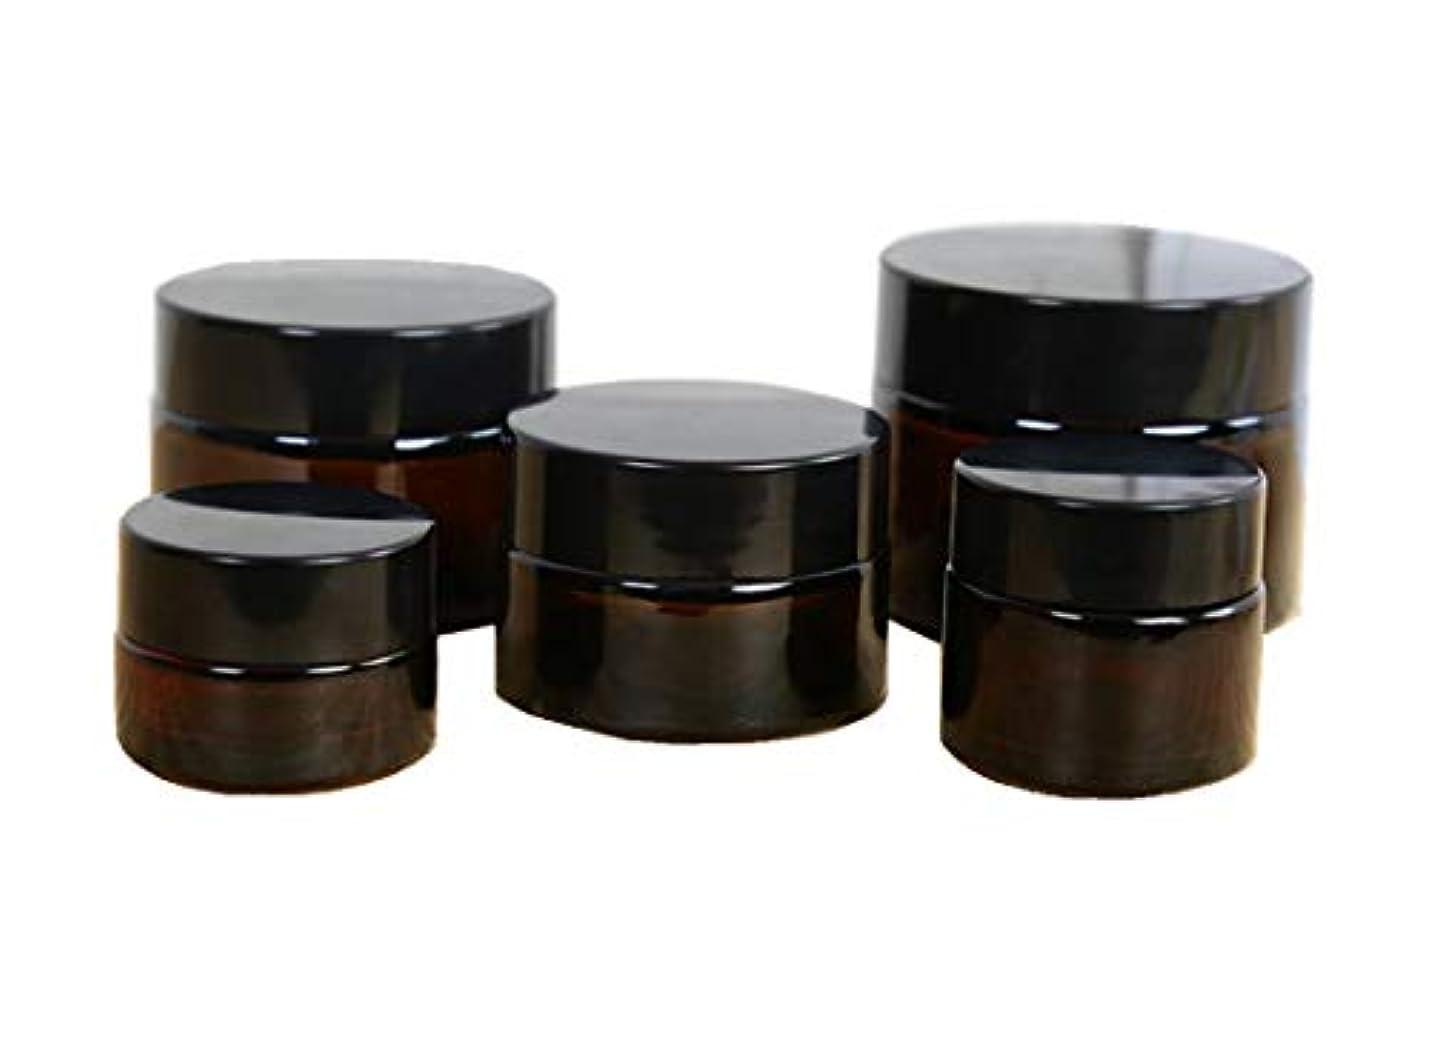 端末ほめる見込みクリーム容器 遮光瓶 ハンドクリーム 容器 ガラス製 ボトル 茶色 詰替え 保存用 10g/20g/30g/50g/100g 5個セット